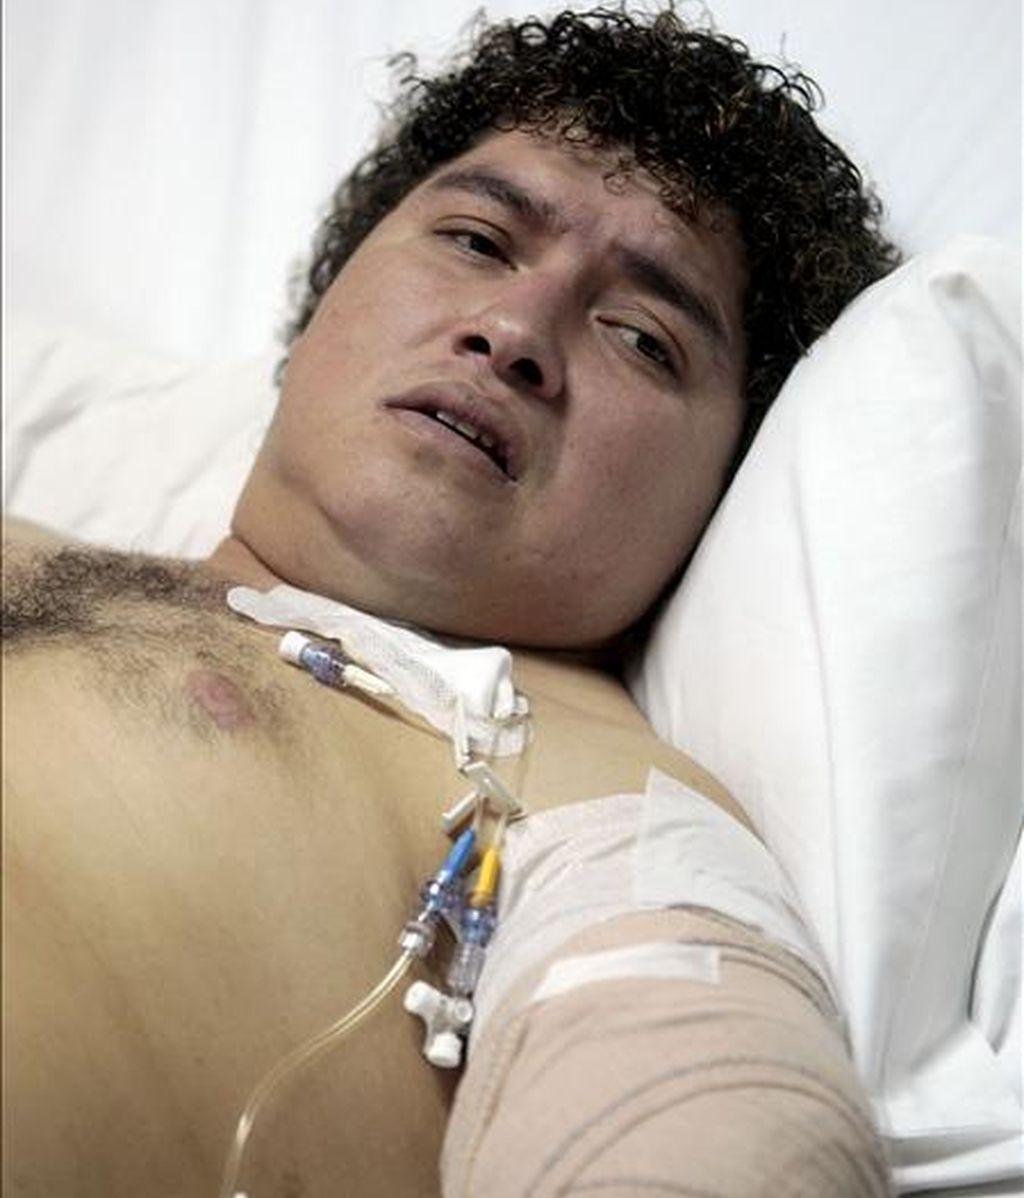 Franns Rilles Melgar, el hombre de 33 años de edad y de origen boliviano, que sufrió la amputación del brazo izquierdo mientras se encontraba trabajando de madrugada en la panificadora, situada en Real de Gandia (Valencia), reposa en el hospital Virgen del Consuelo de la capital valenciana. EFE/Archivo